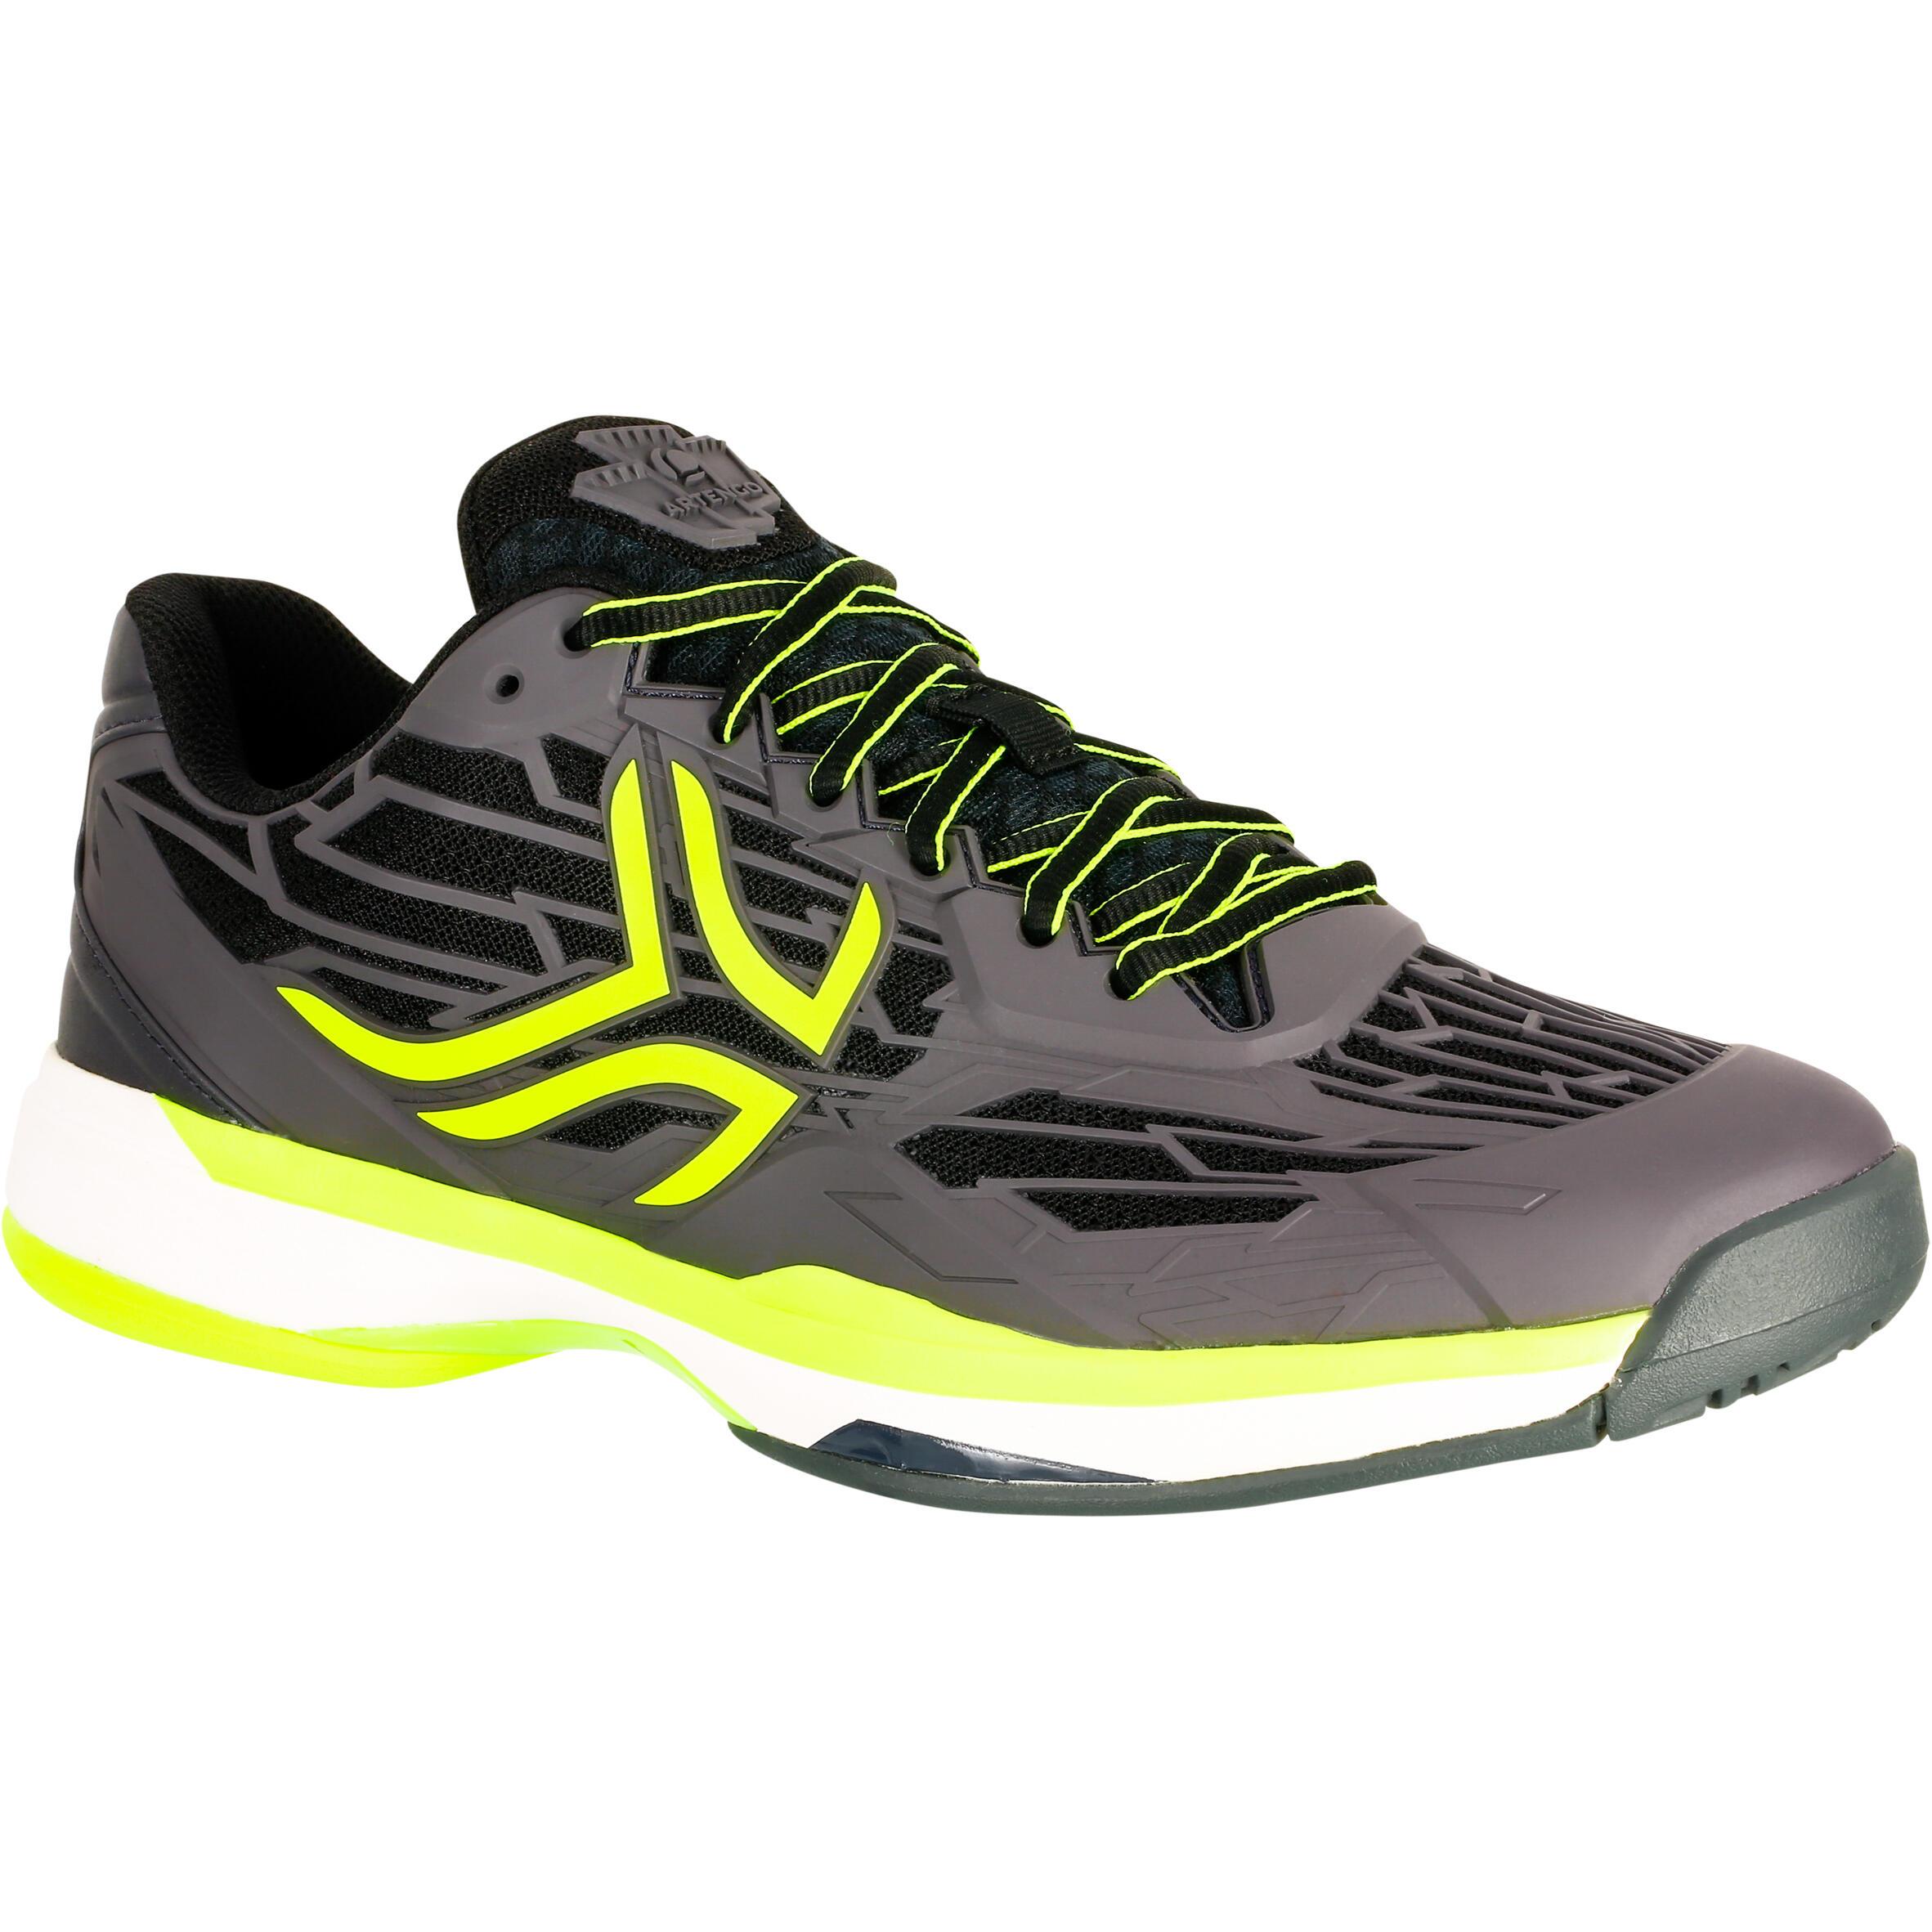 Tennisschuhe TS990 Multicourt Herren schwarz/gelb | Schuhe > Sportschuhe > Tennisschuhe | Grau - Blau | Gummi - Pu | Artengo